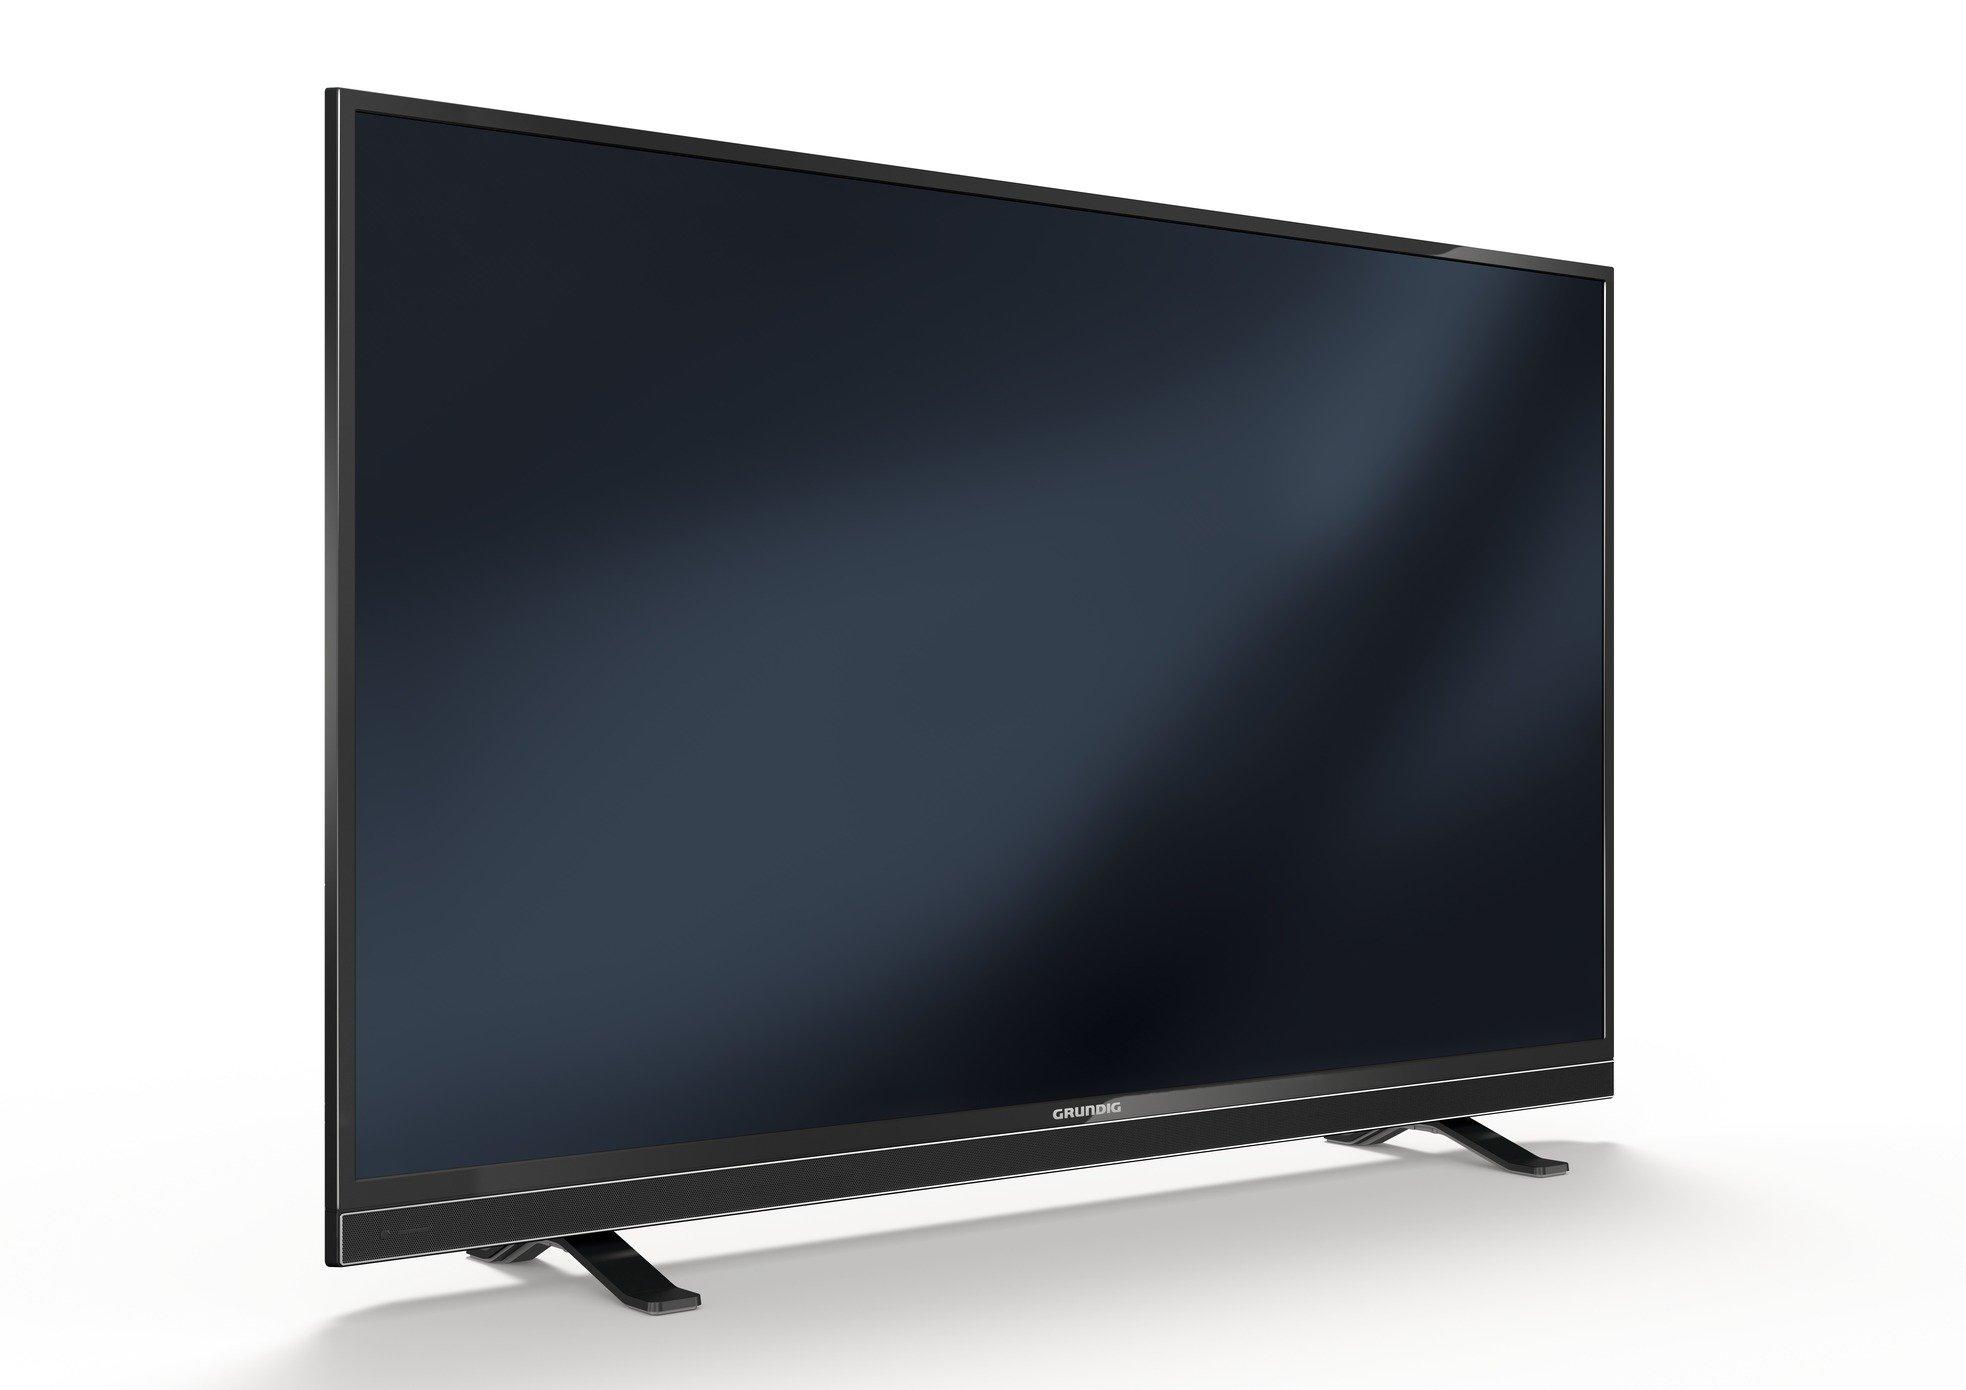 Grundig 42 VLE 825 BL 107 cm (42 Pulgadas) de TV (Full HD, sintonizador Triple, Smart TV) Negro: Amazon.es: Electrónica